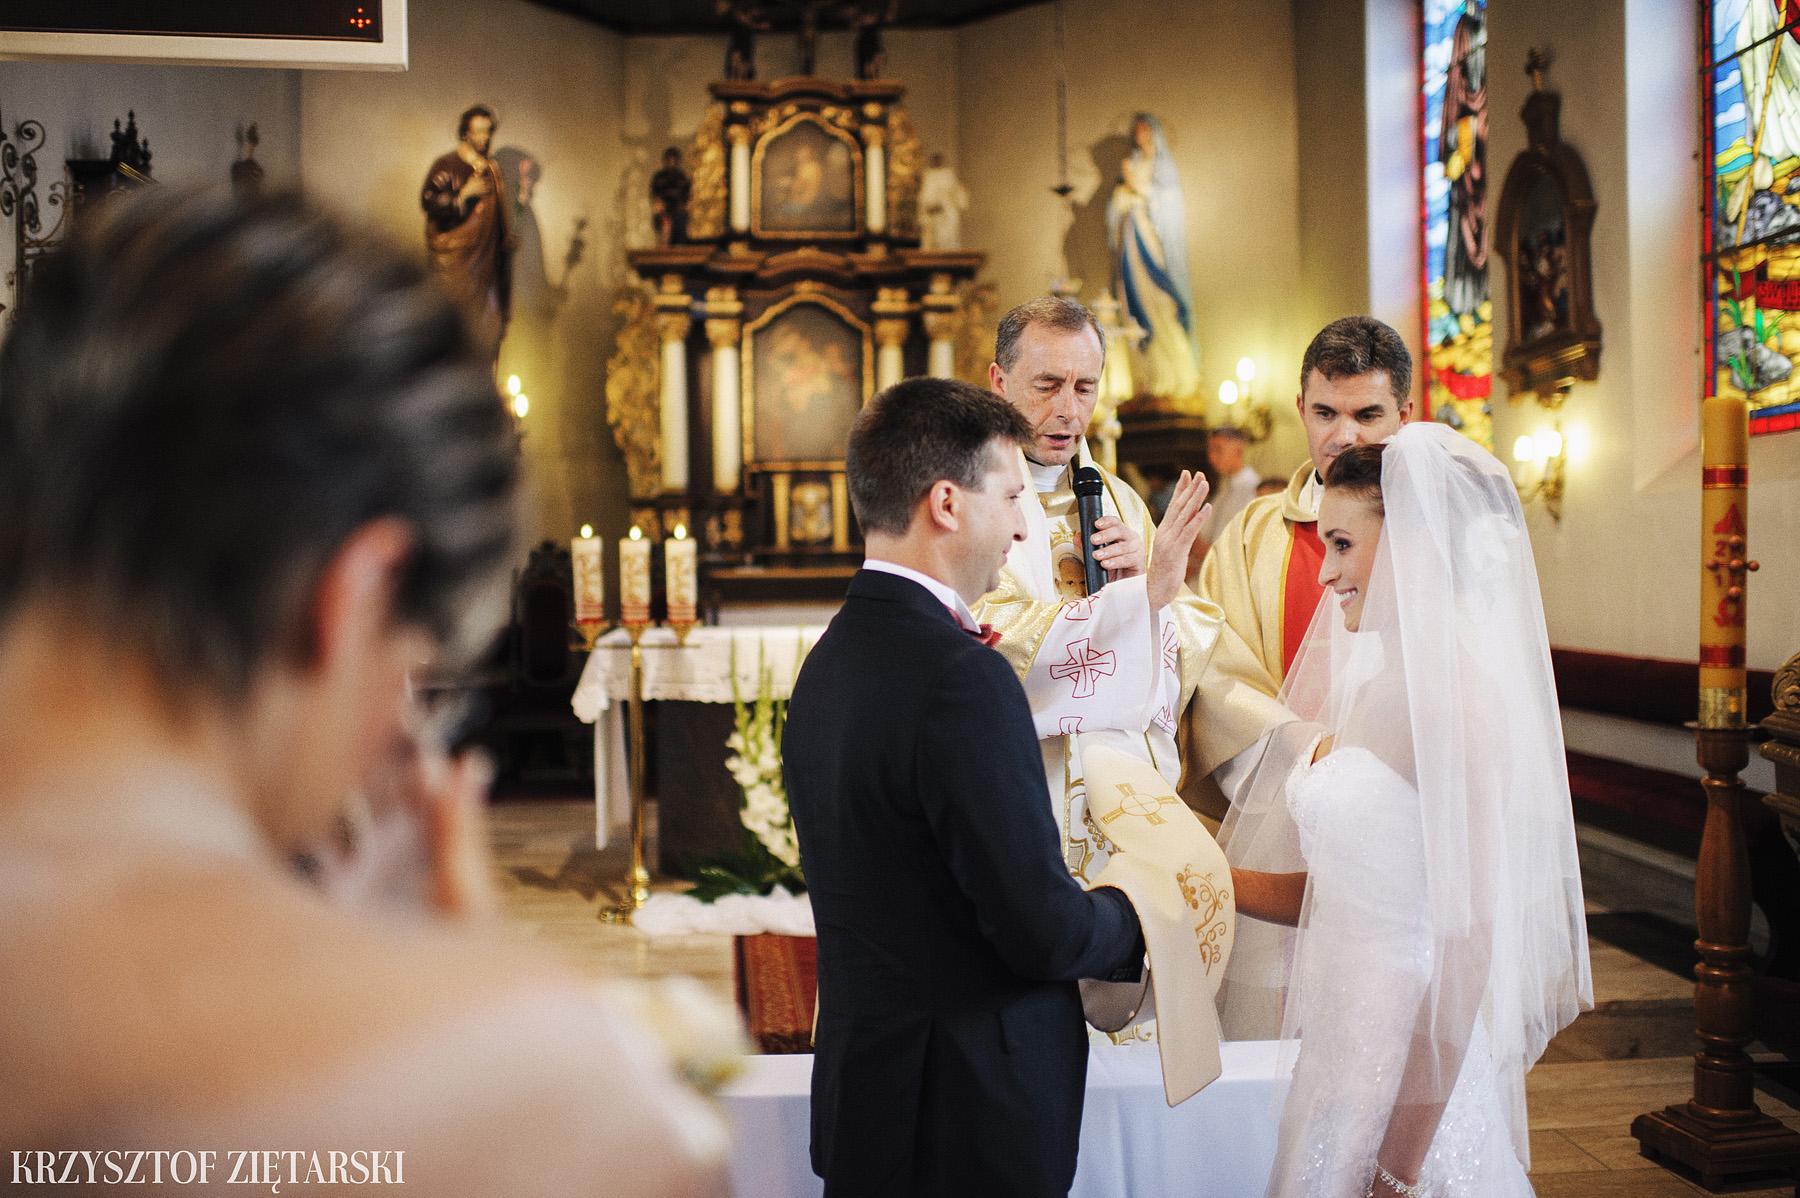 Karolina i Jacek - Fotografia ślubna Gdańsk, Chwaszczyno, Gościniec dla Przyjaciół Wyczechowo Hilary - 13.